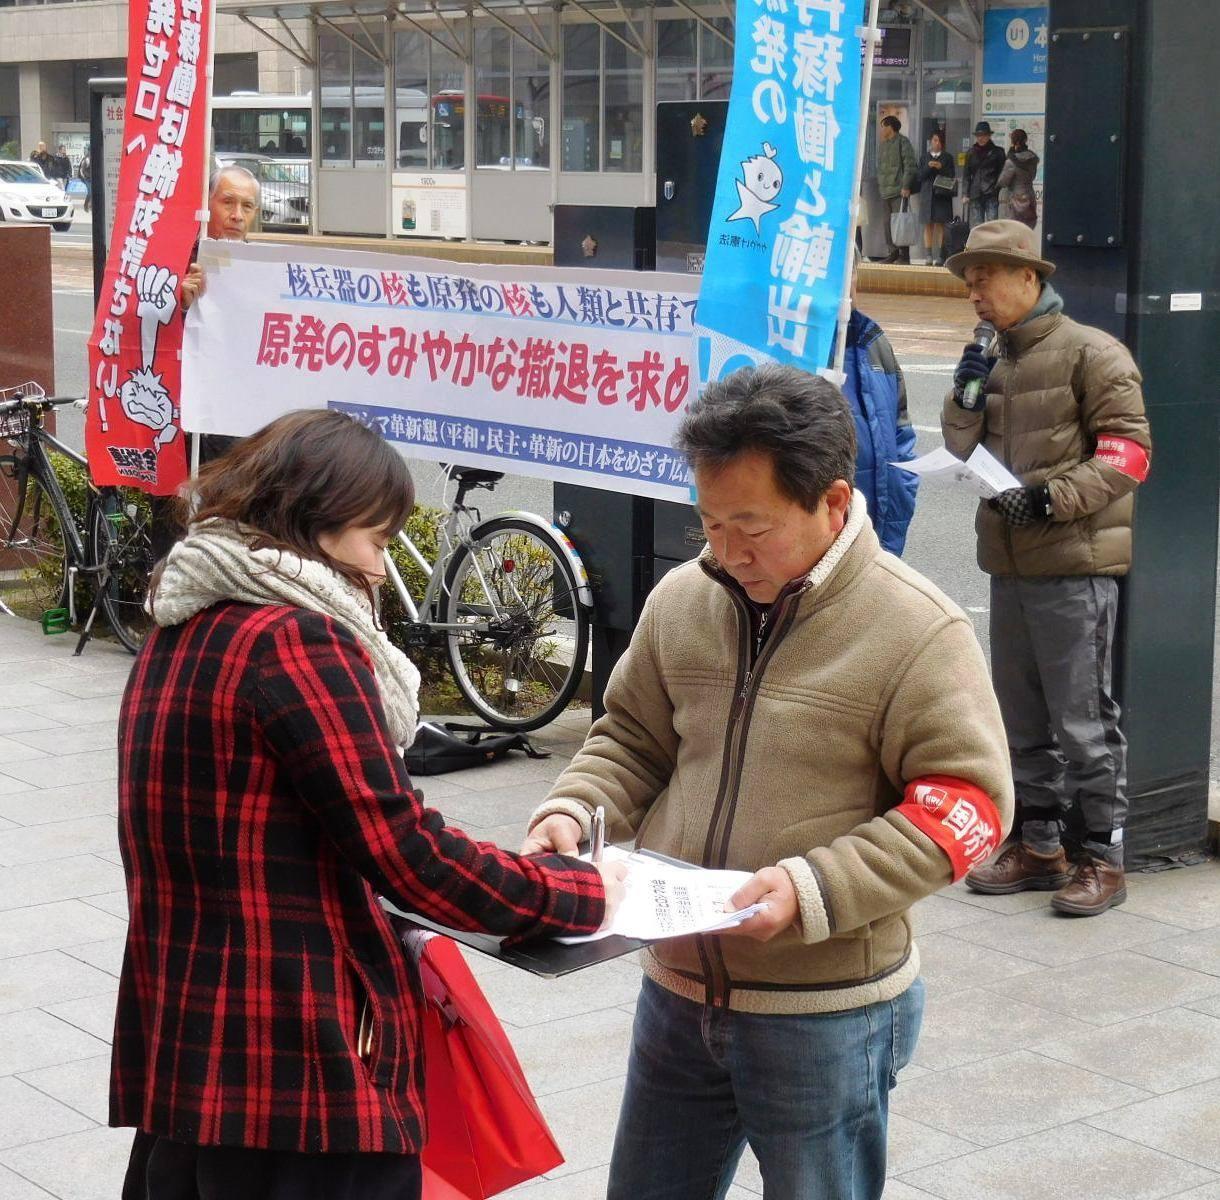 原発の再稼働も輸出もやめさせよう  中区で署名活動_e0094315_09415295.jpg